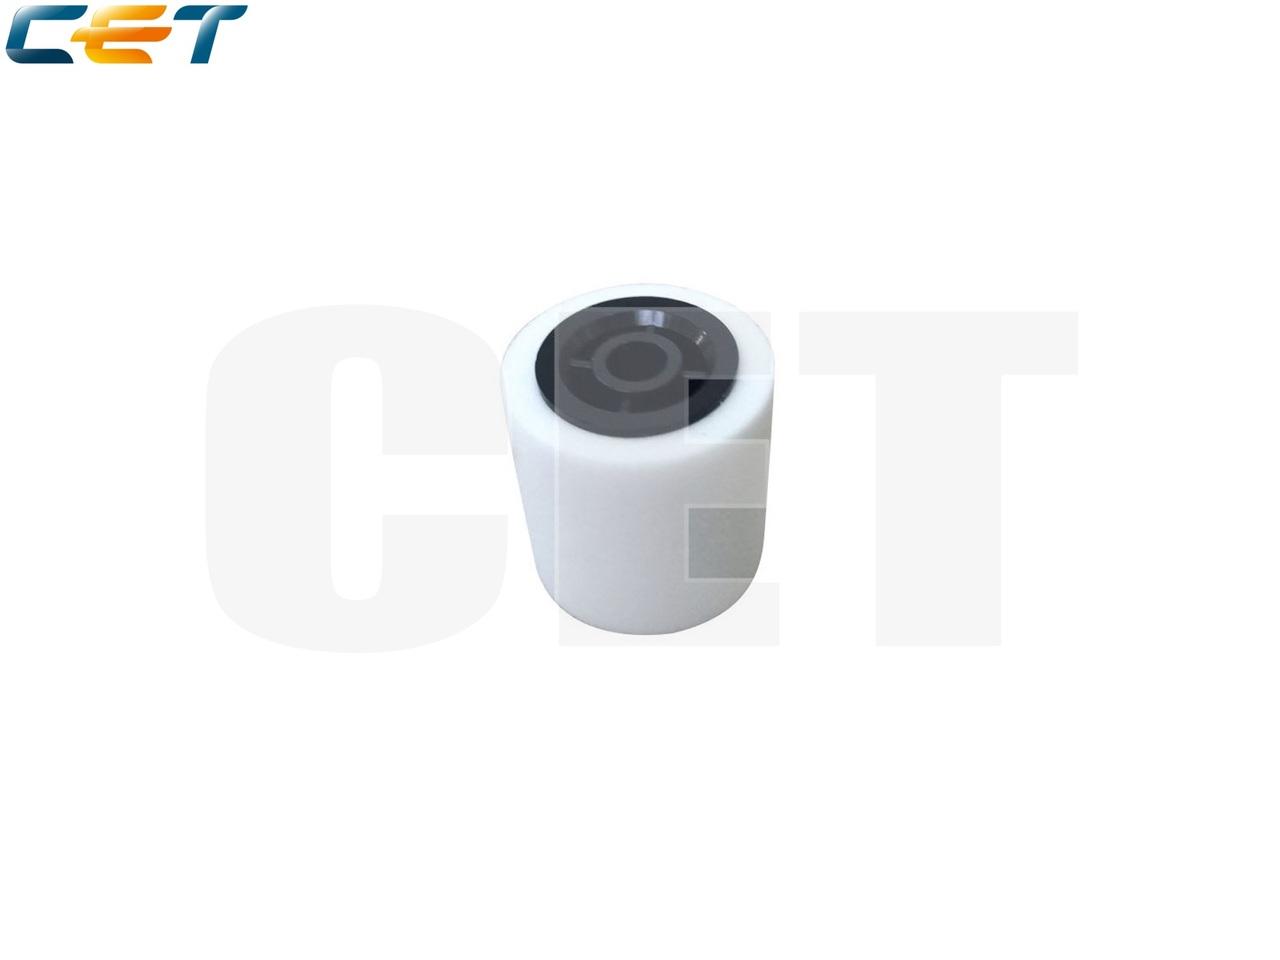 Ролик отделения ADF (белый) D541-2241, A859-2241,A680-1671 для RICOH MPC2003/2551/3003/4503 (CET),CET6658N